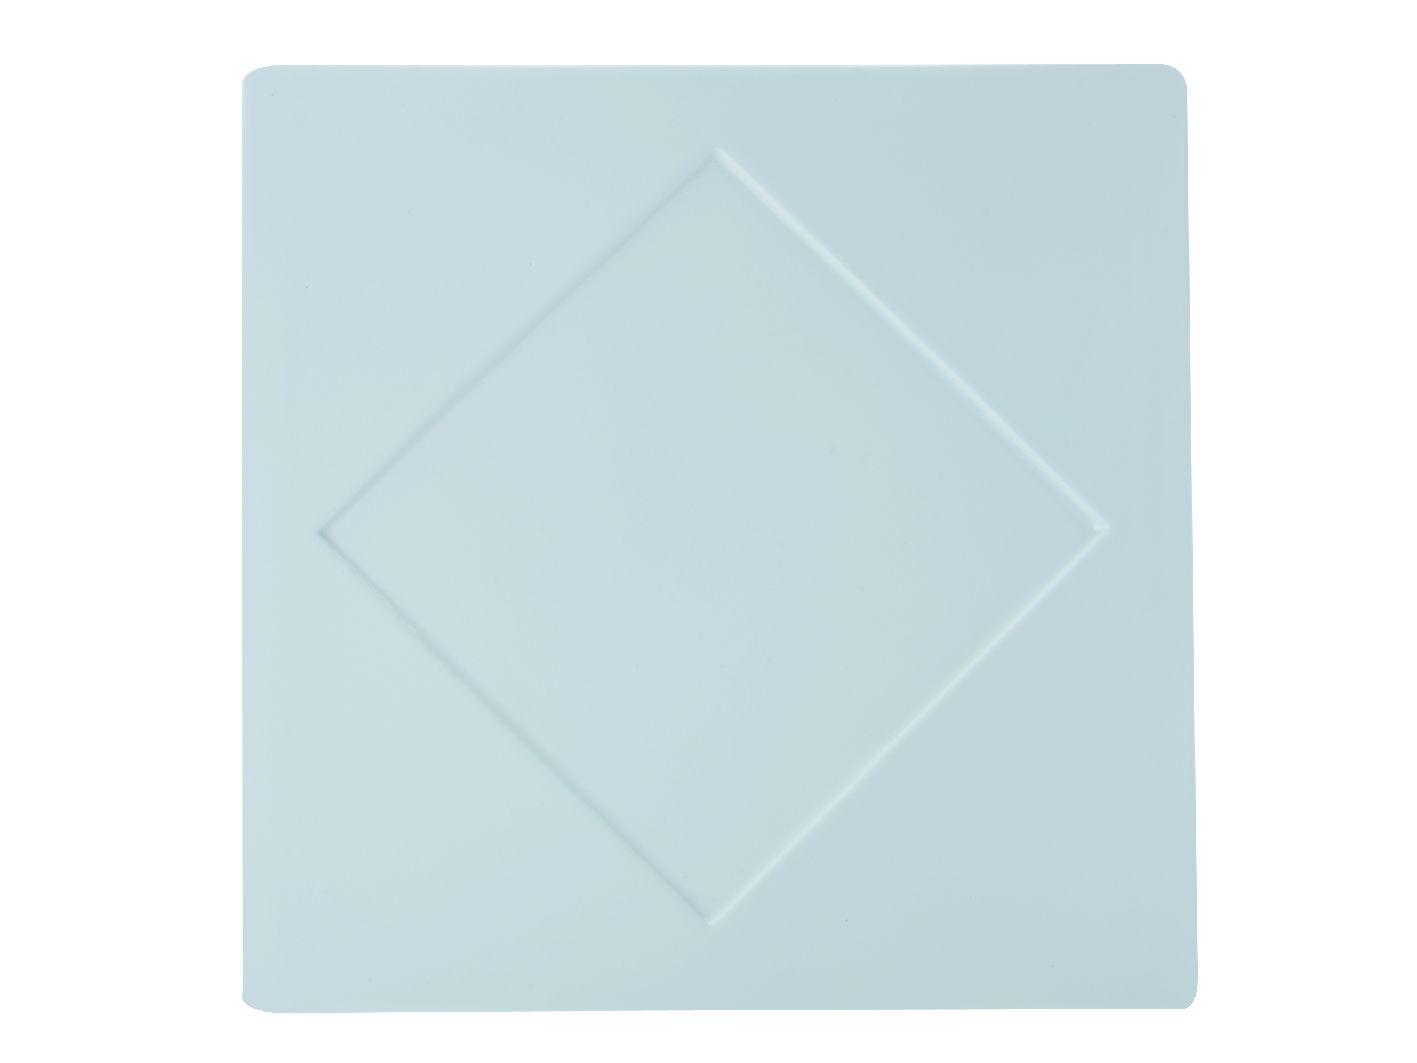 Porcelánový Čtvercový talíř motiv diamant Metrix 30,5 cm - Maxwell&Williams